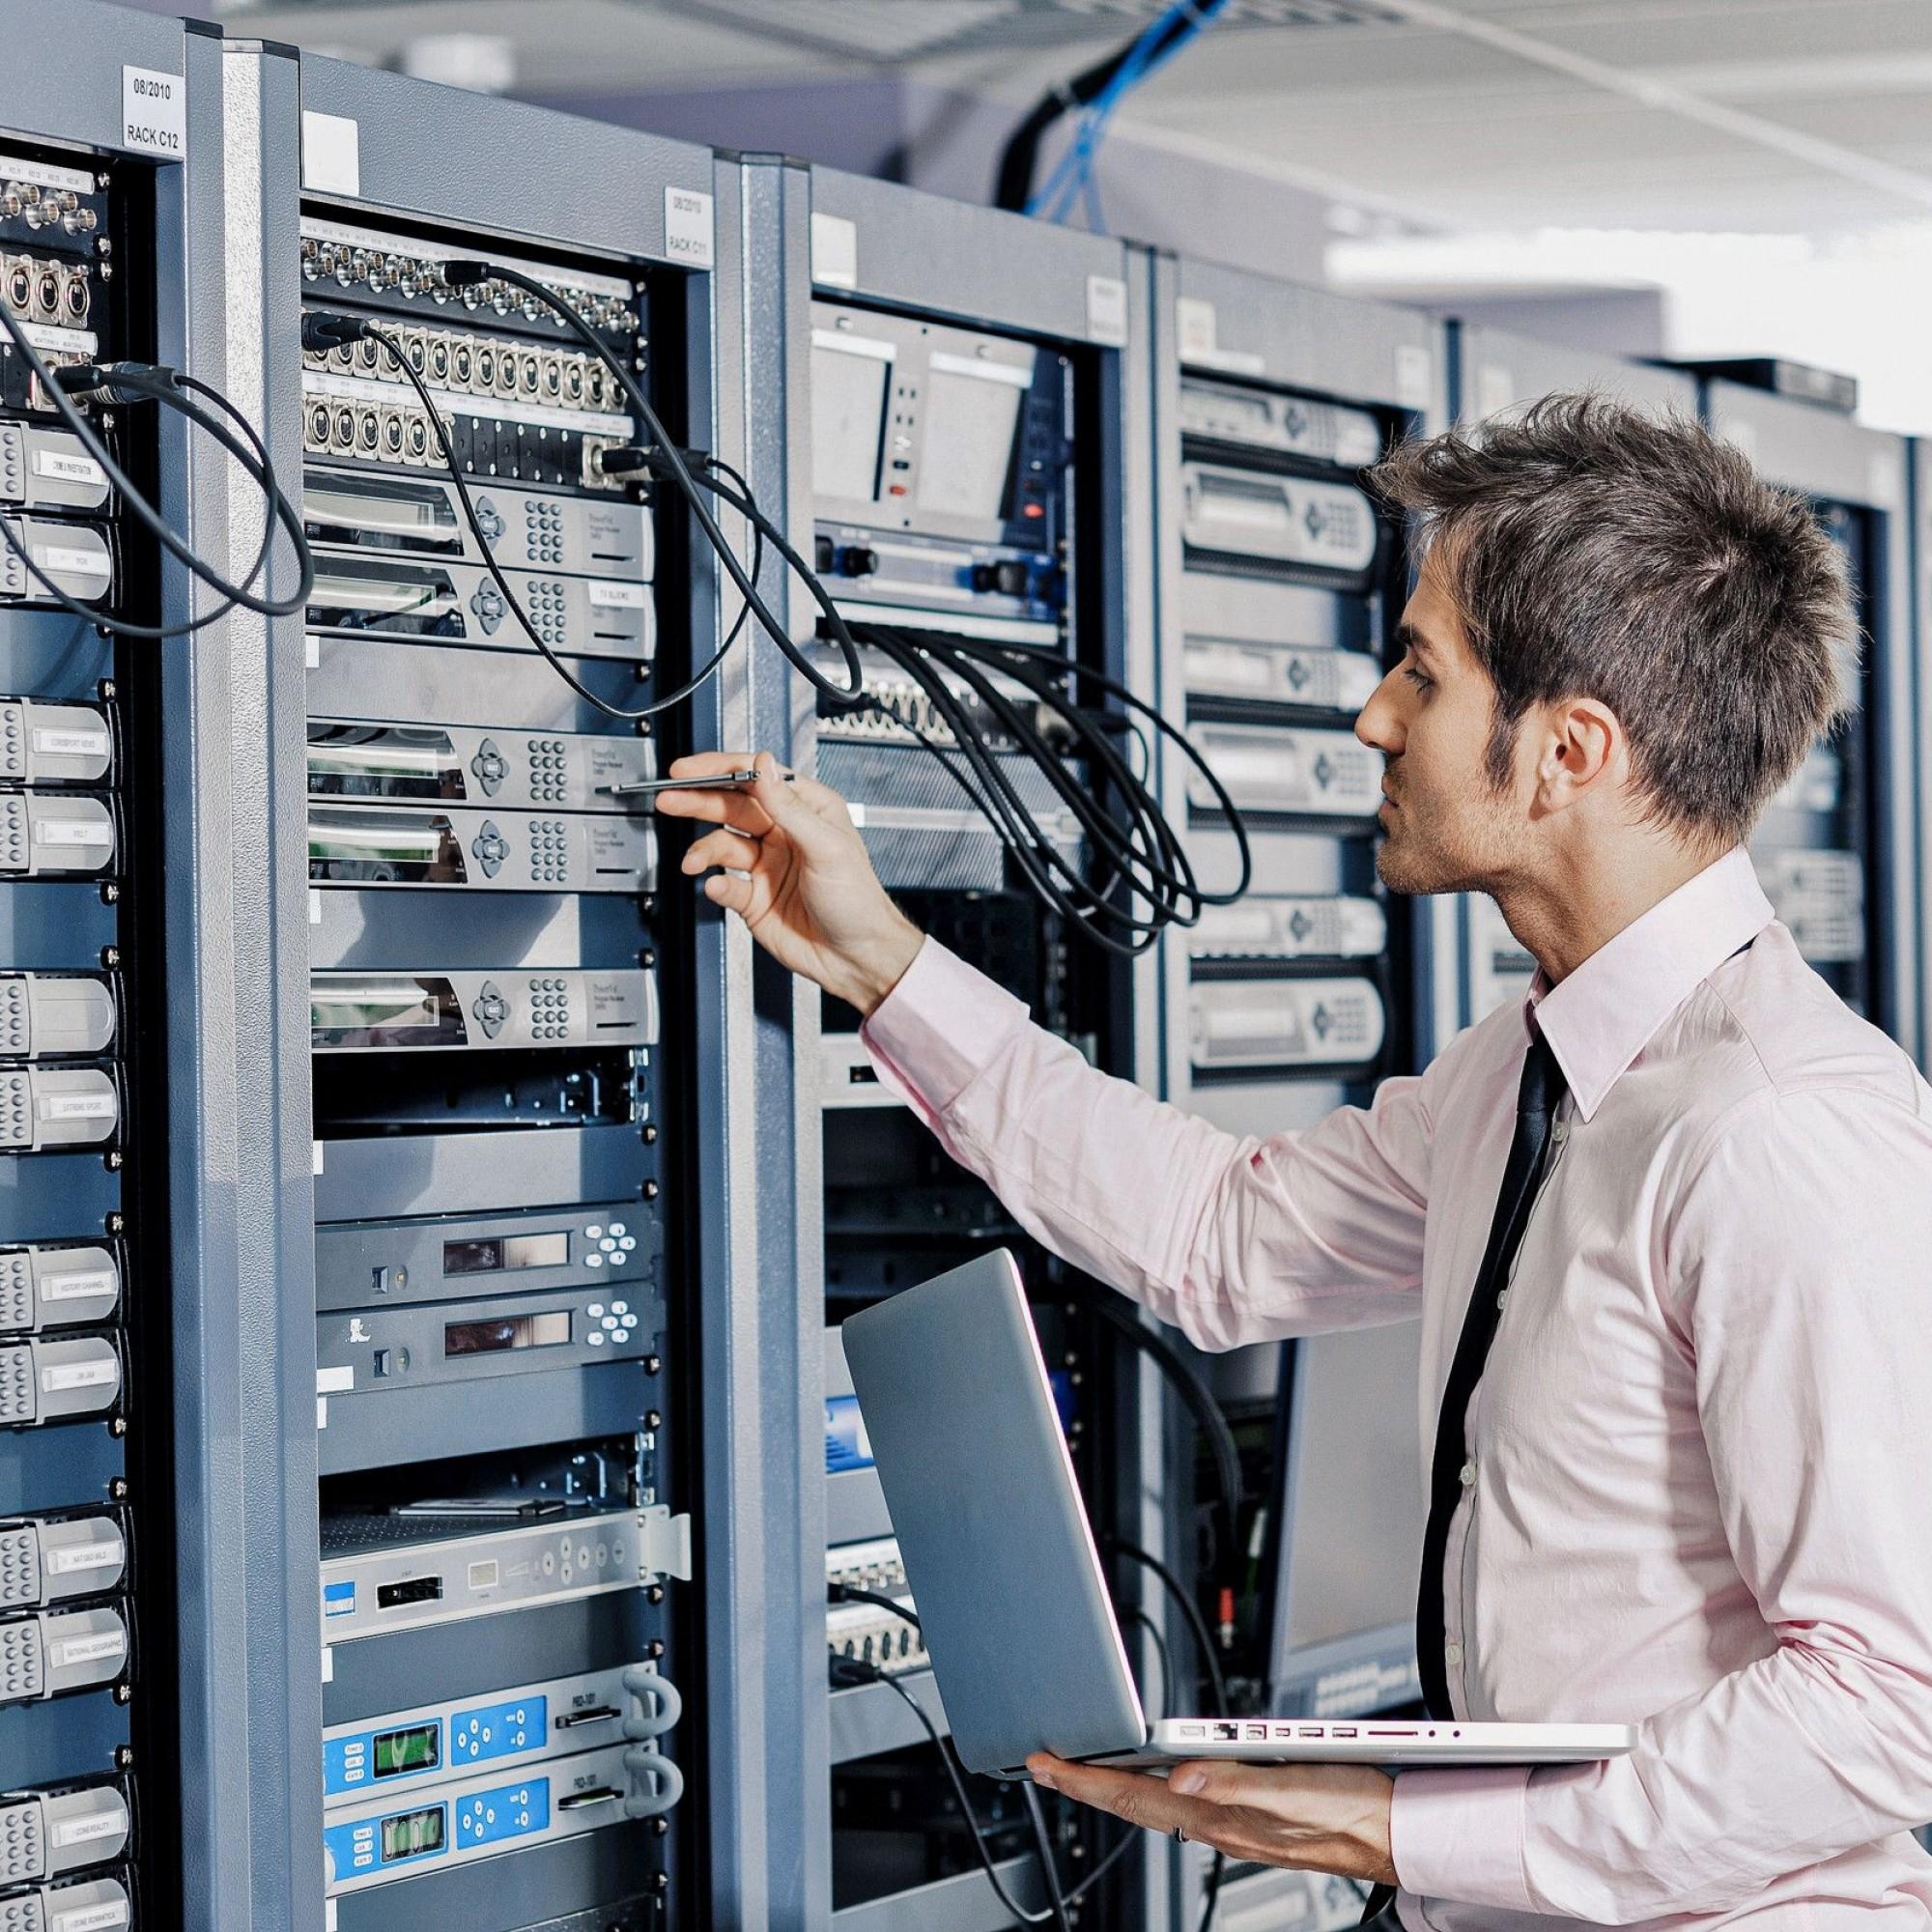 Wartungsarbeiten in einem Serverraum